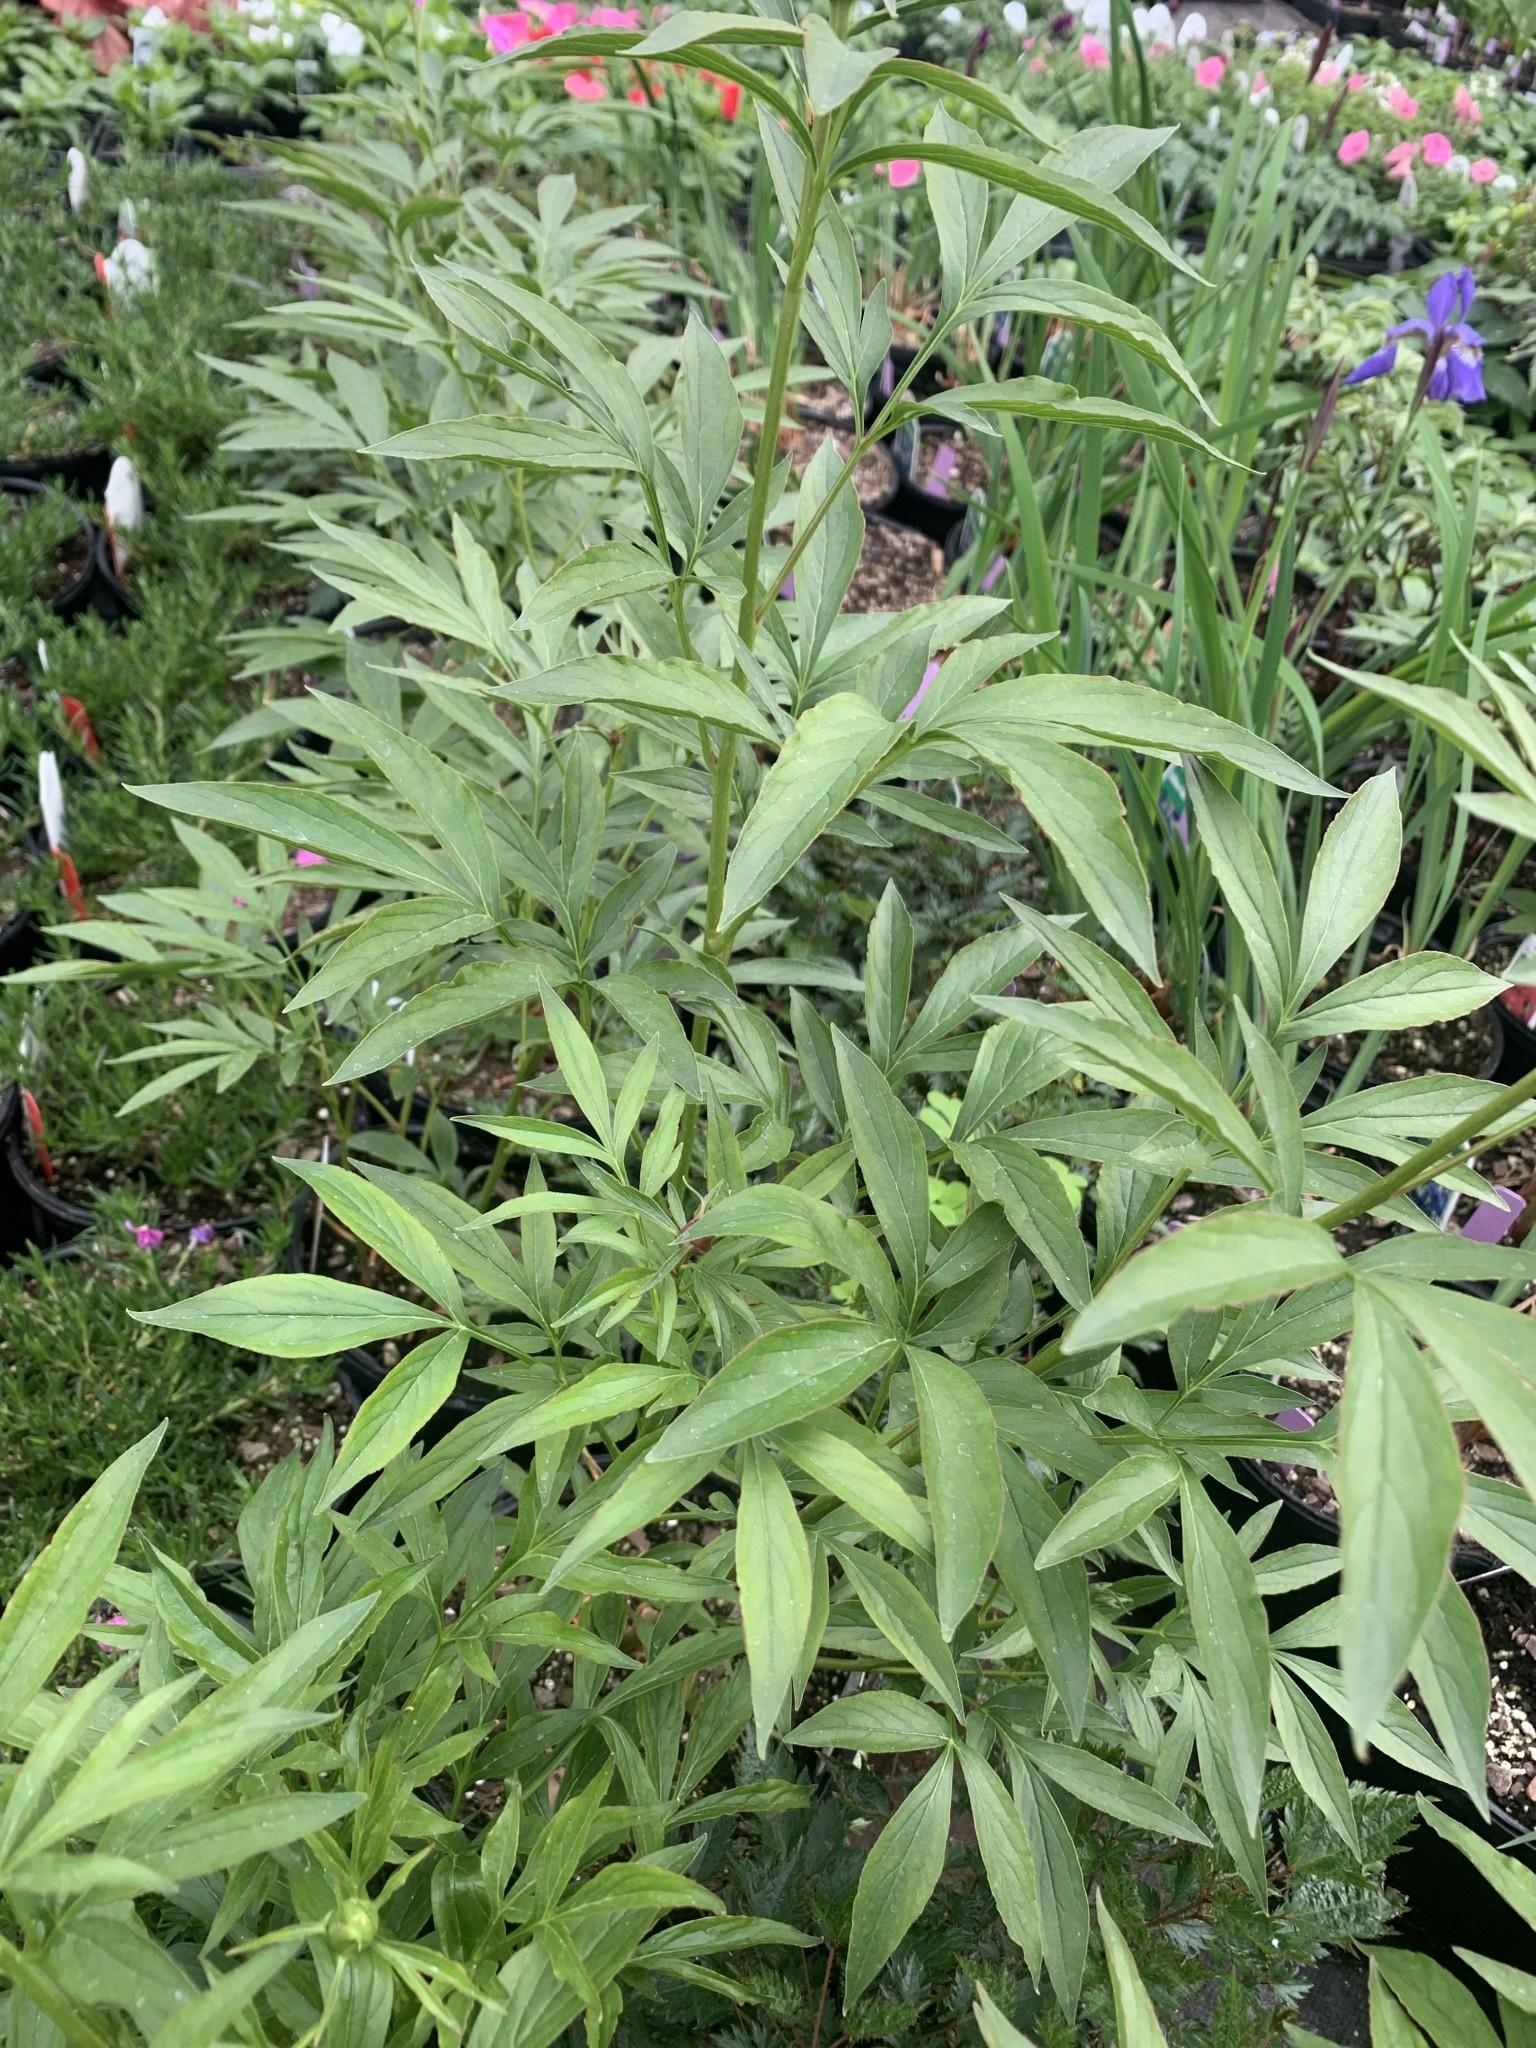 Paeonia sp. Peony, Primavera, ##1